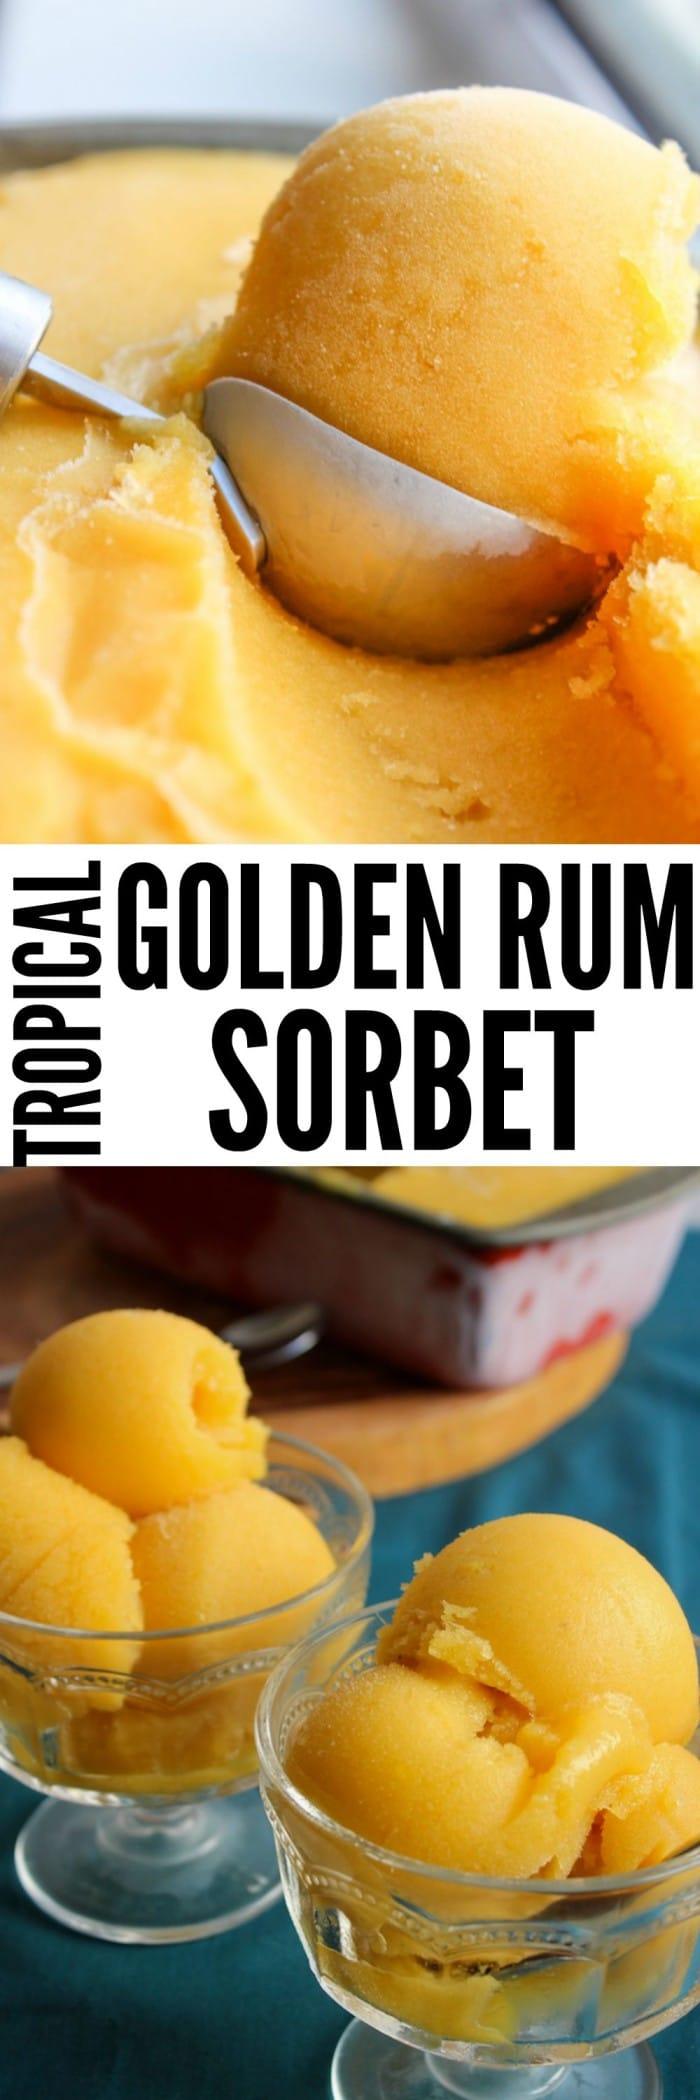 Tropical Golden Rum Sorbet www.asaucykitchen.com